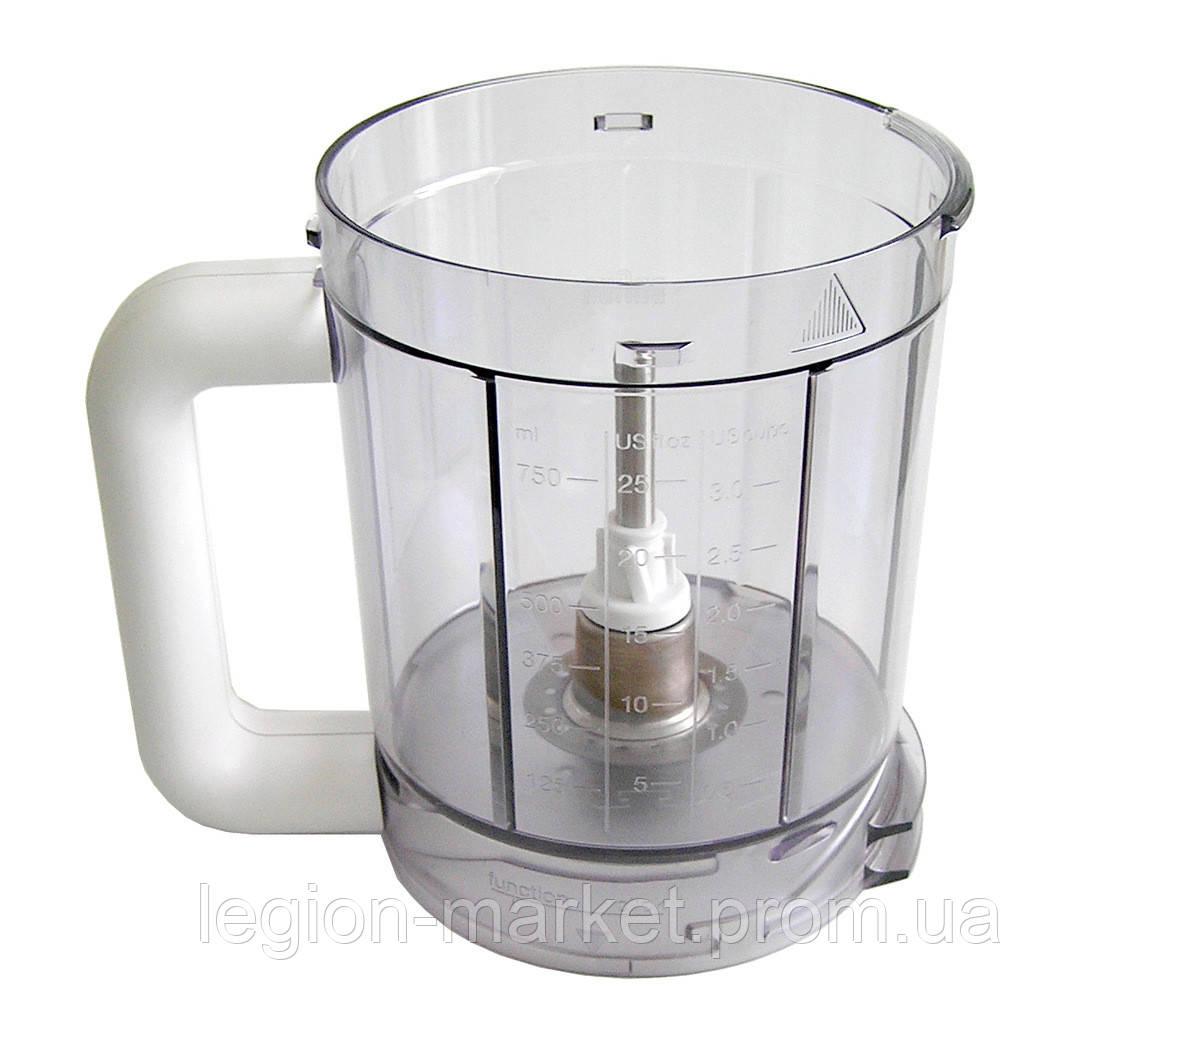 Блендерная чаша 750ml 7322010214 оригинал для кухонного комбайна Braun